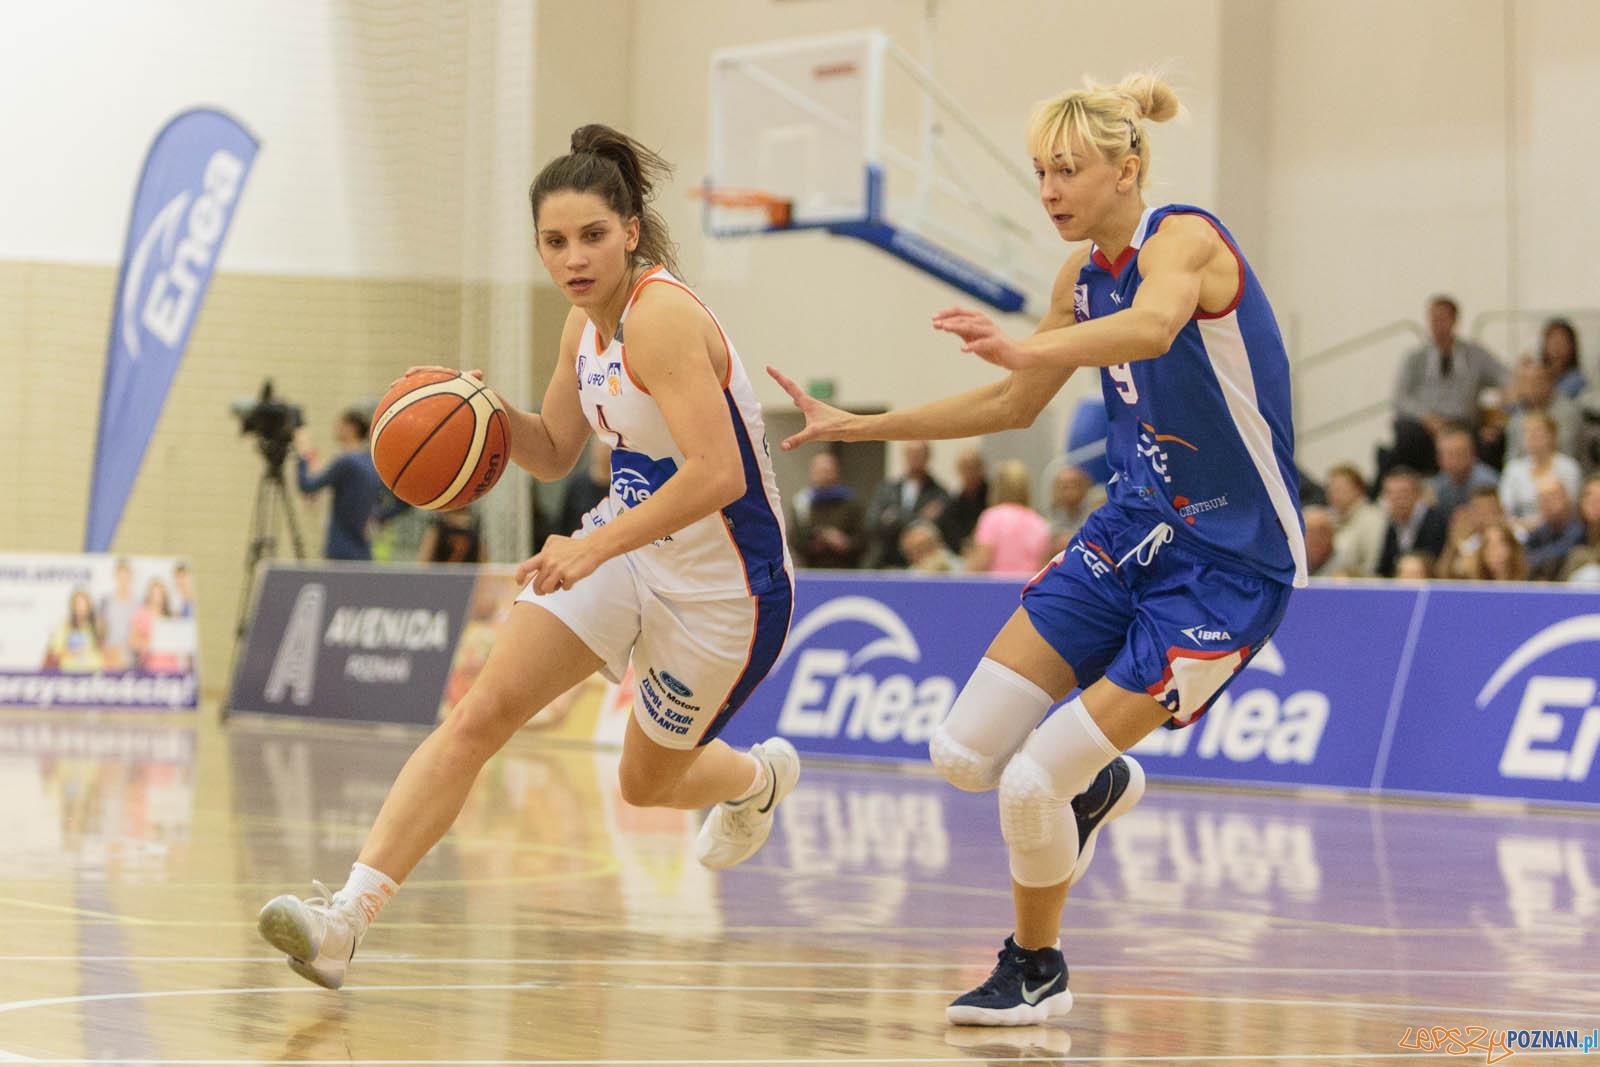 Basket Liga Kobiet: Enea AZS Poznań - PGE MKK Siedlce 85:64  -  Foto: LepszyPOZNAN.pl / Paweł Rychter